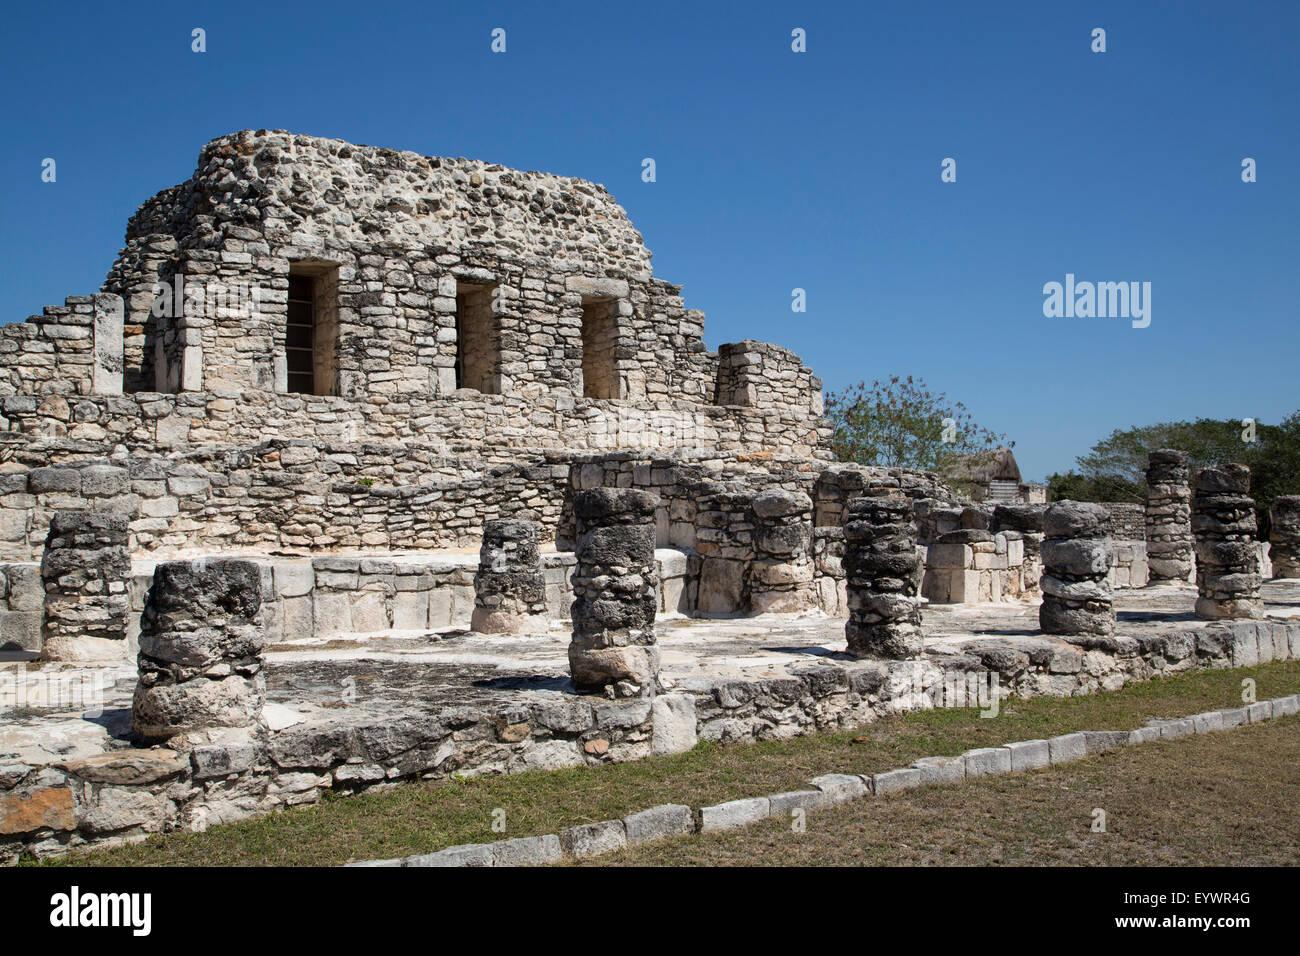 Templo de los Guerreros, Mayapan, Mayan archaeological site, Yucatan, Mexico, North America Stock Photo